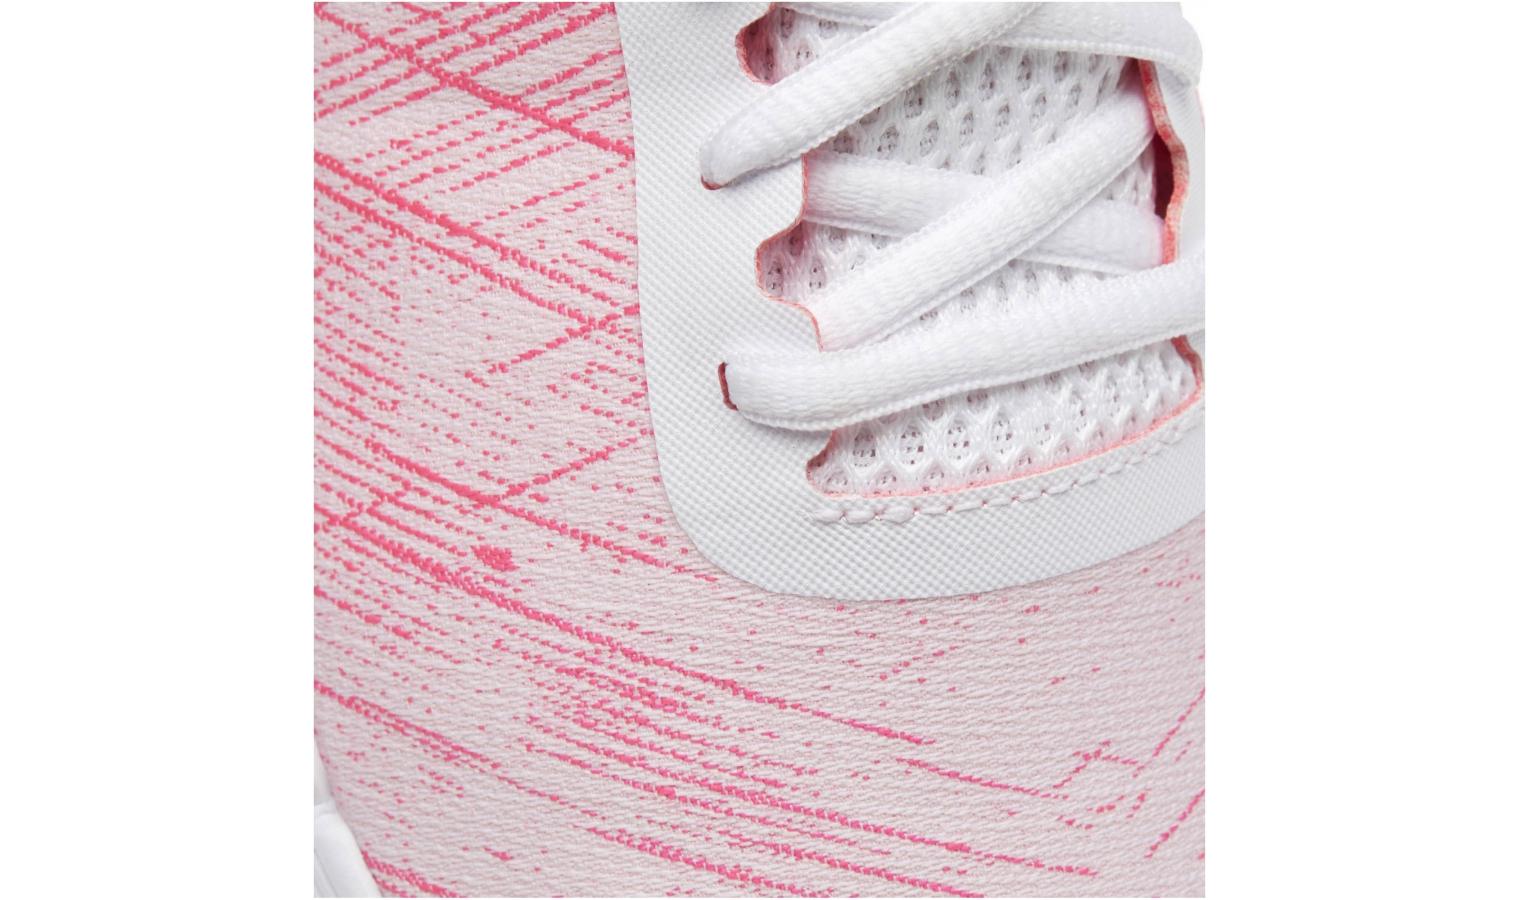 ... Dámské tréninkové boty Reebok SPEED HER TR W růžové. Sleva 66f107dd1a